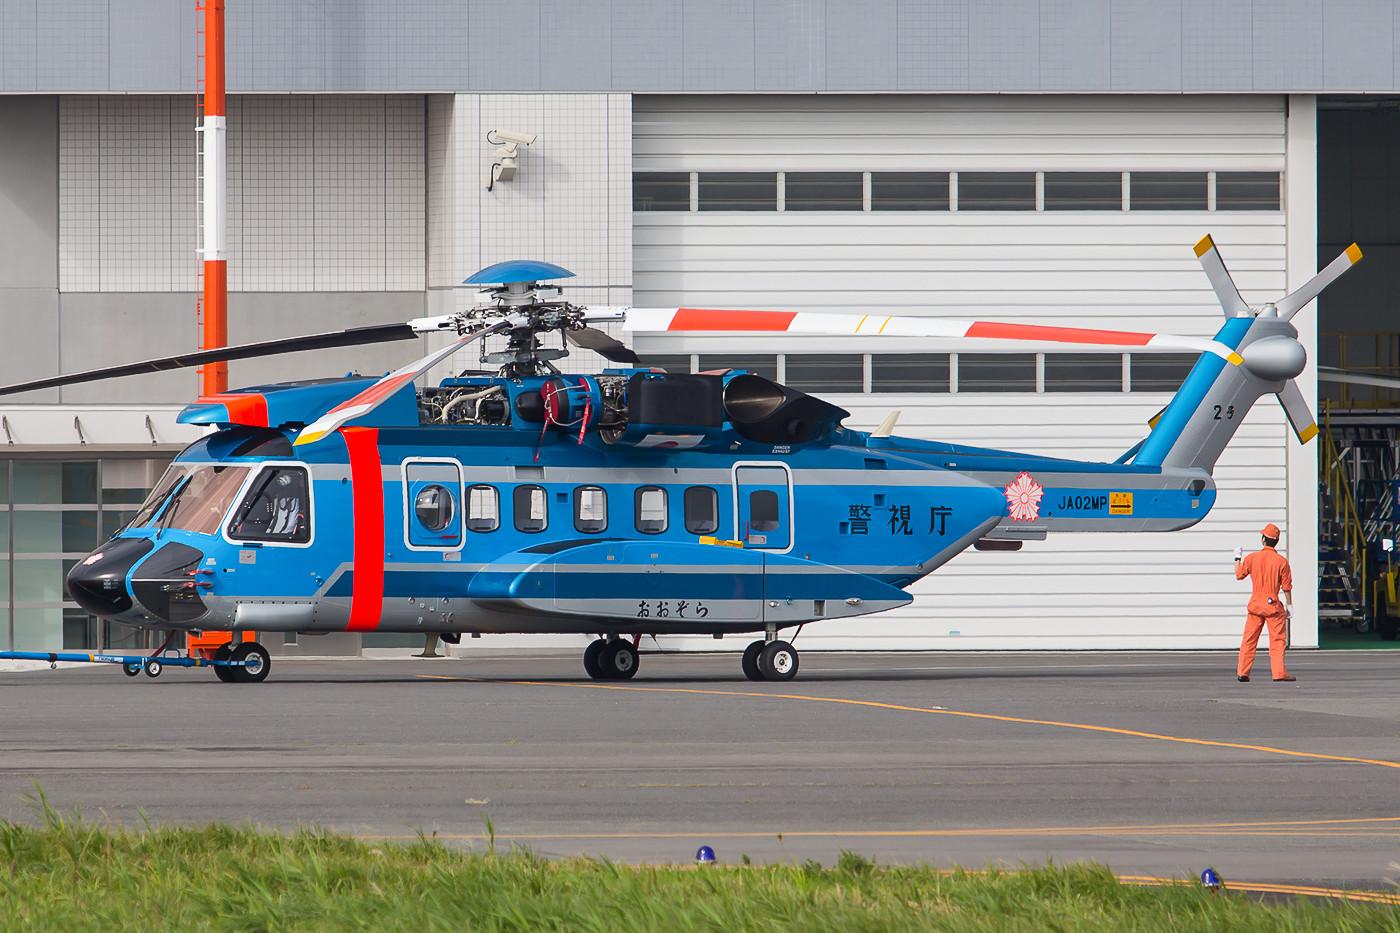 Nicht ganz der größte Hubschrauber in der Flotte des MPD ist die JA02MP, eine Sikorsky S-92. Die JA01MP, eine EH-101 Merlin stand bei unserem Besuch leider nicht am Platz.